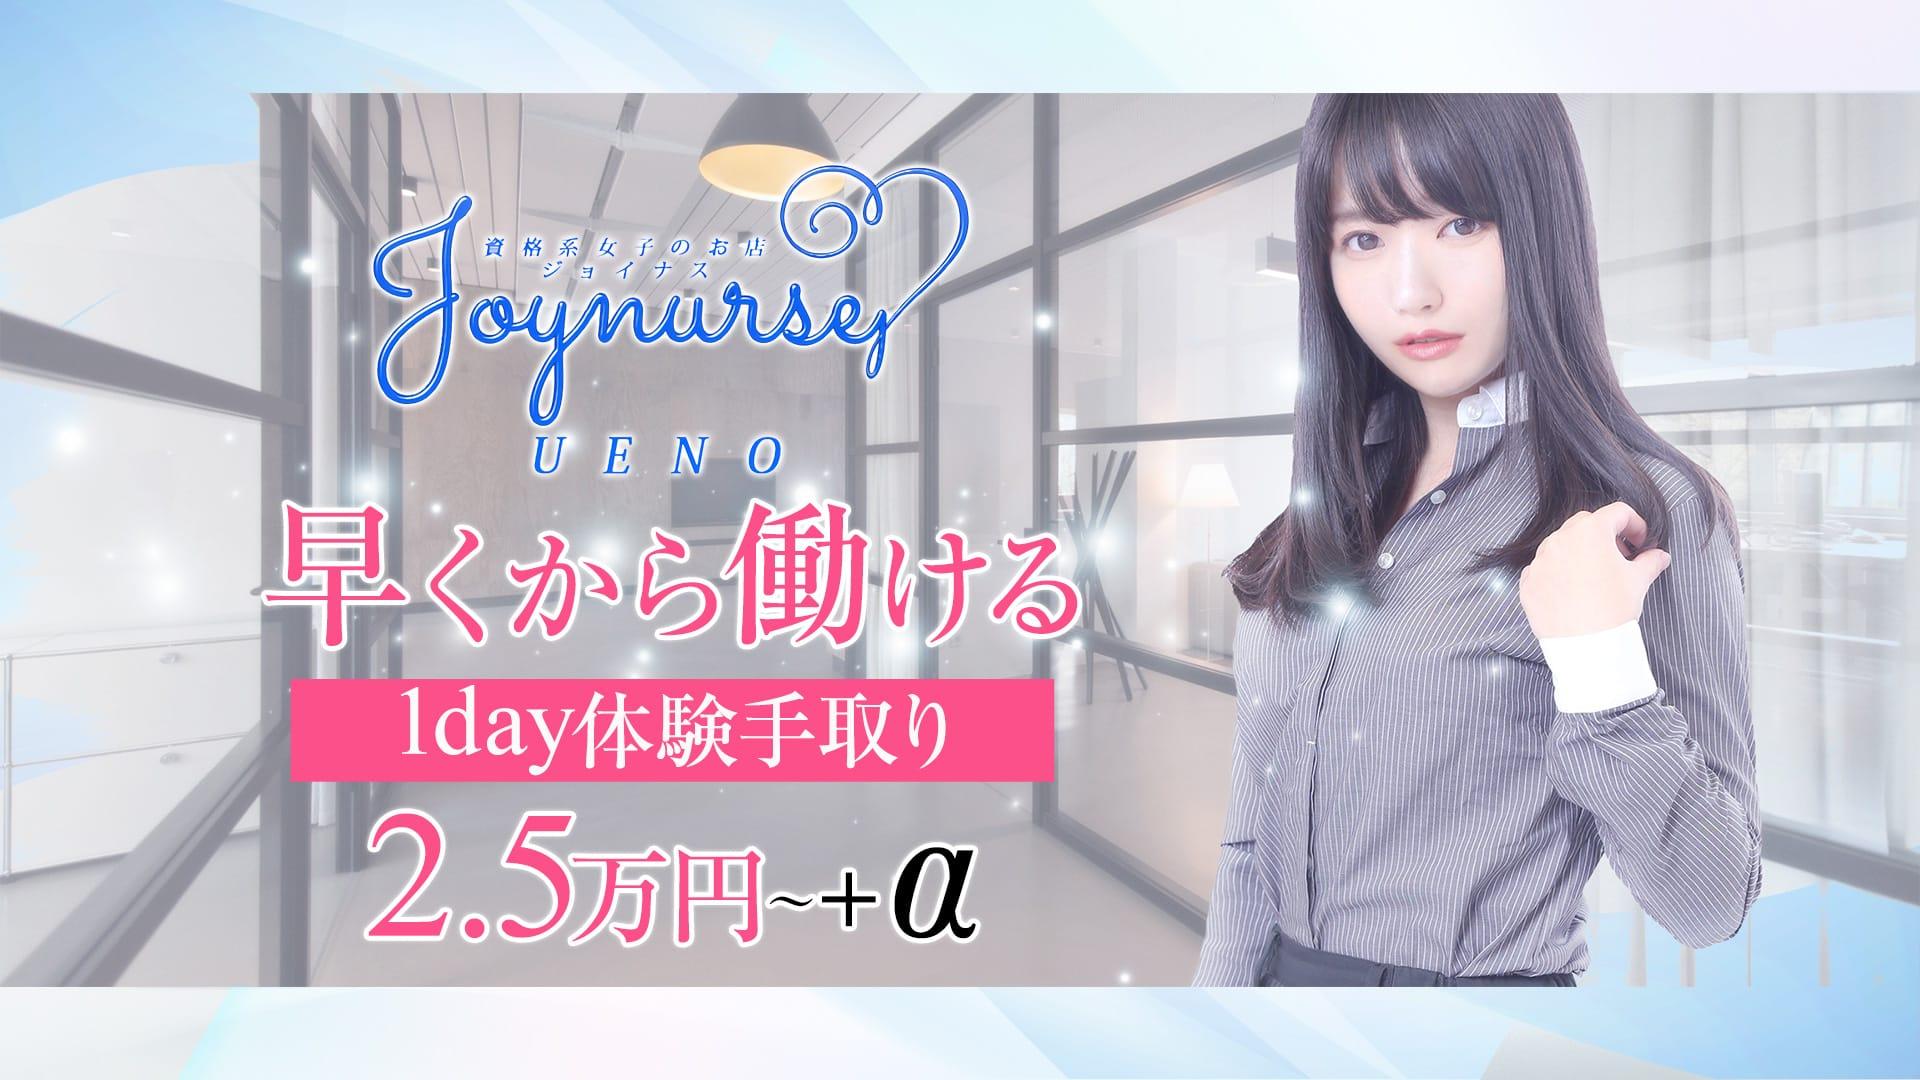 資格系女子カフェ ジョイナス 上野ガールズバー TOP画像